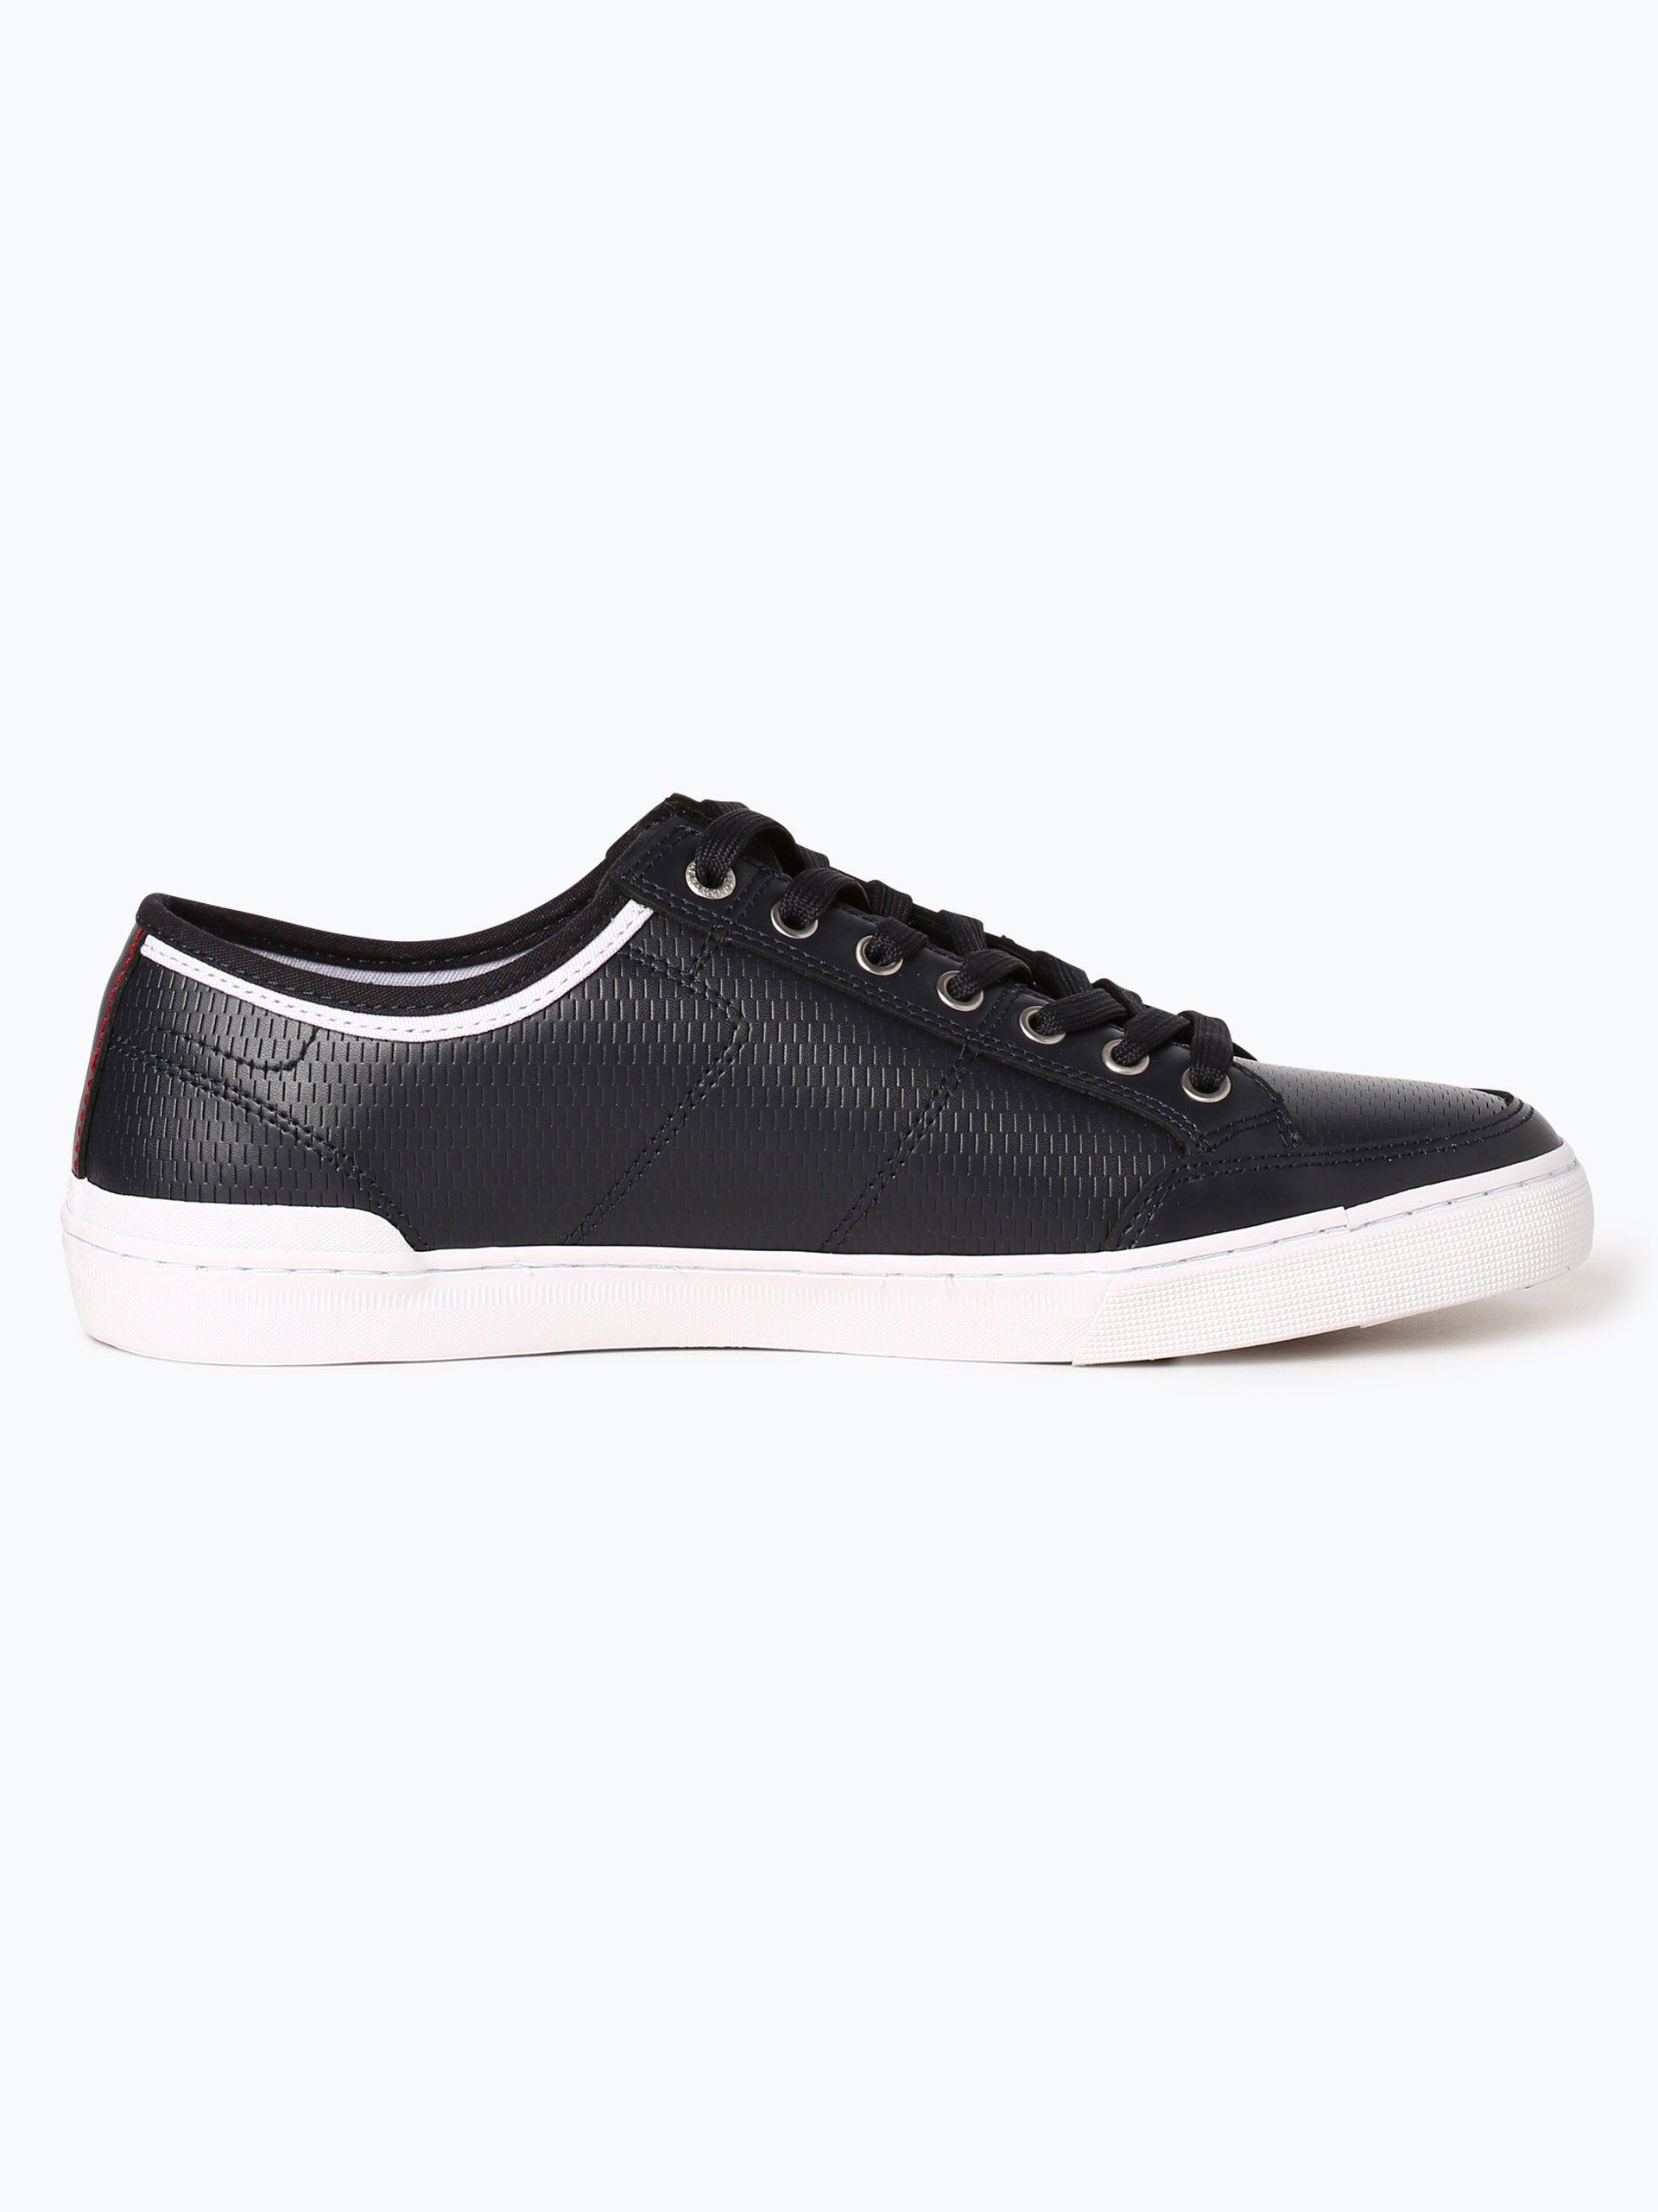 tommy hilfiger herren sneaker aus leder 2 online kaufen peek und cloppenburg de. Black Bedroom Furniture Sets. Home Design Ideas